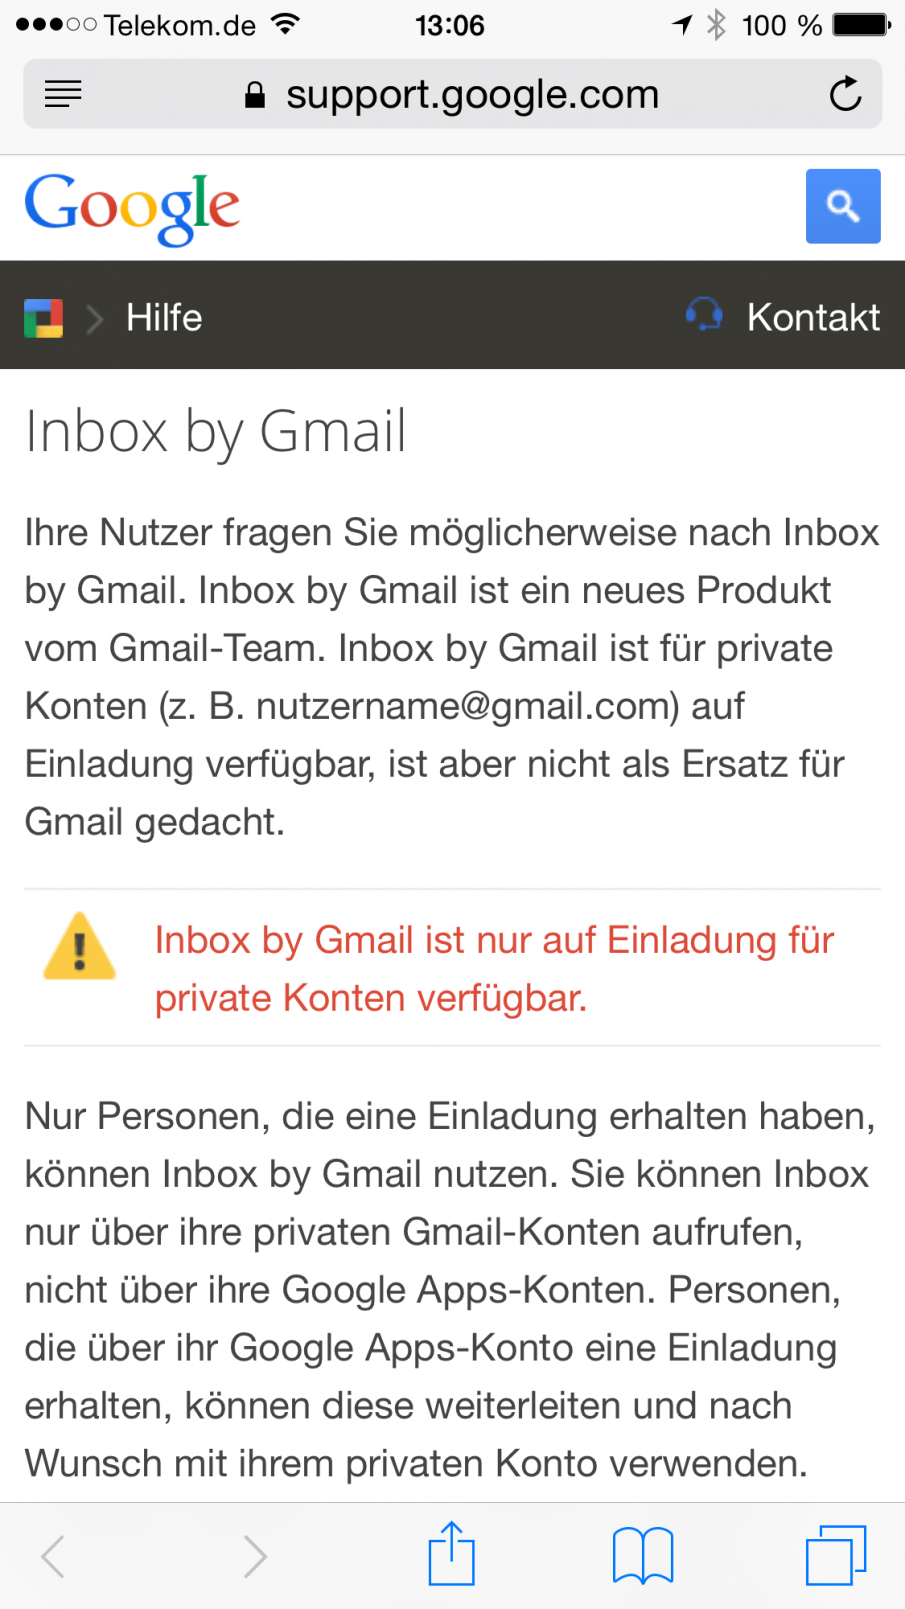 Inbox by Gmail ist nur für persönliche Gmail-Konten verfügbar, Screenshot